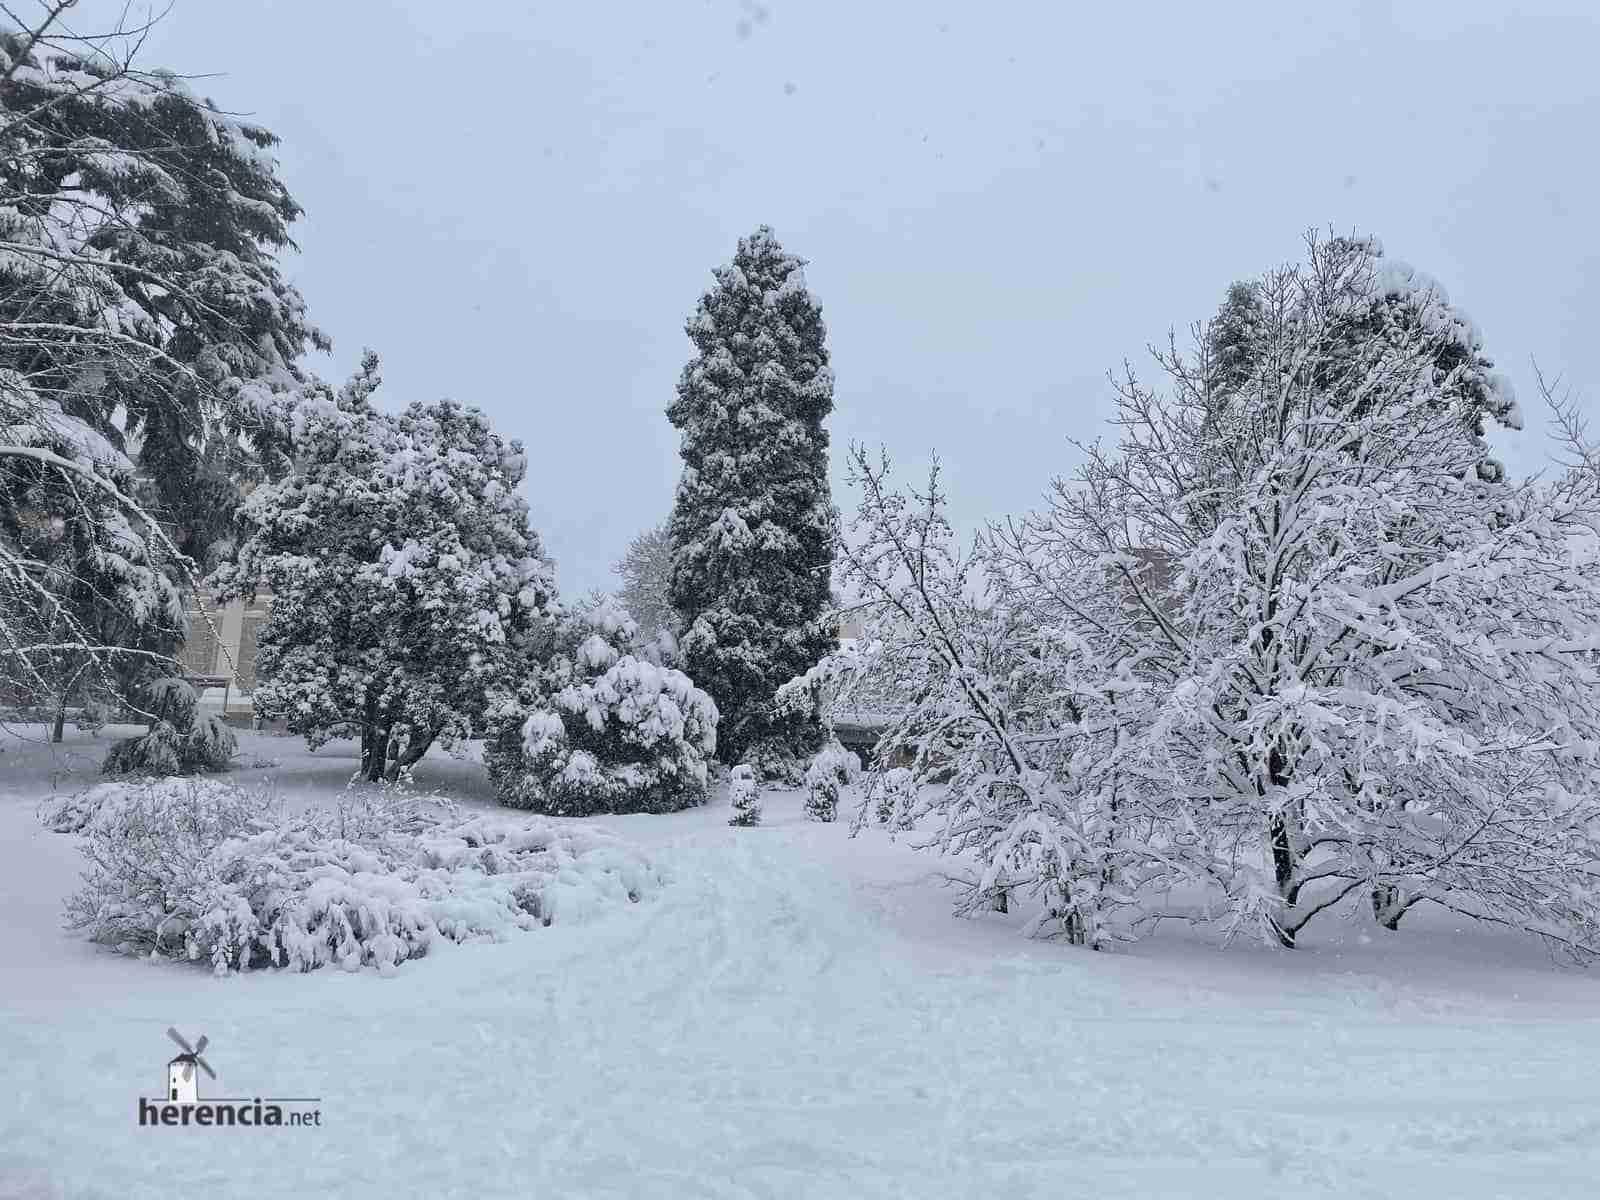 Fotografías de la nevada de enero en Madrid (España) 213